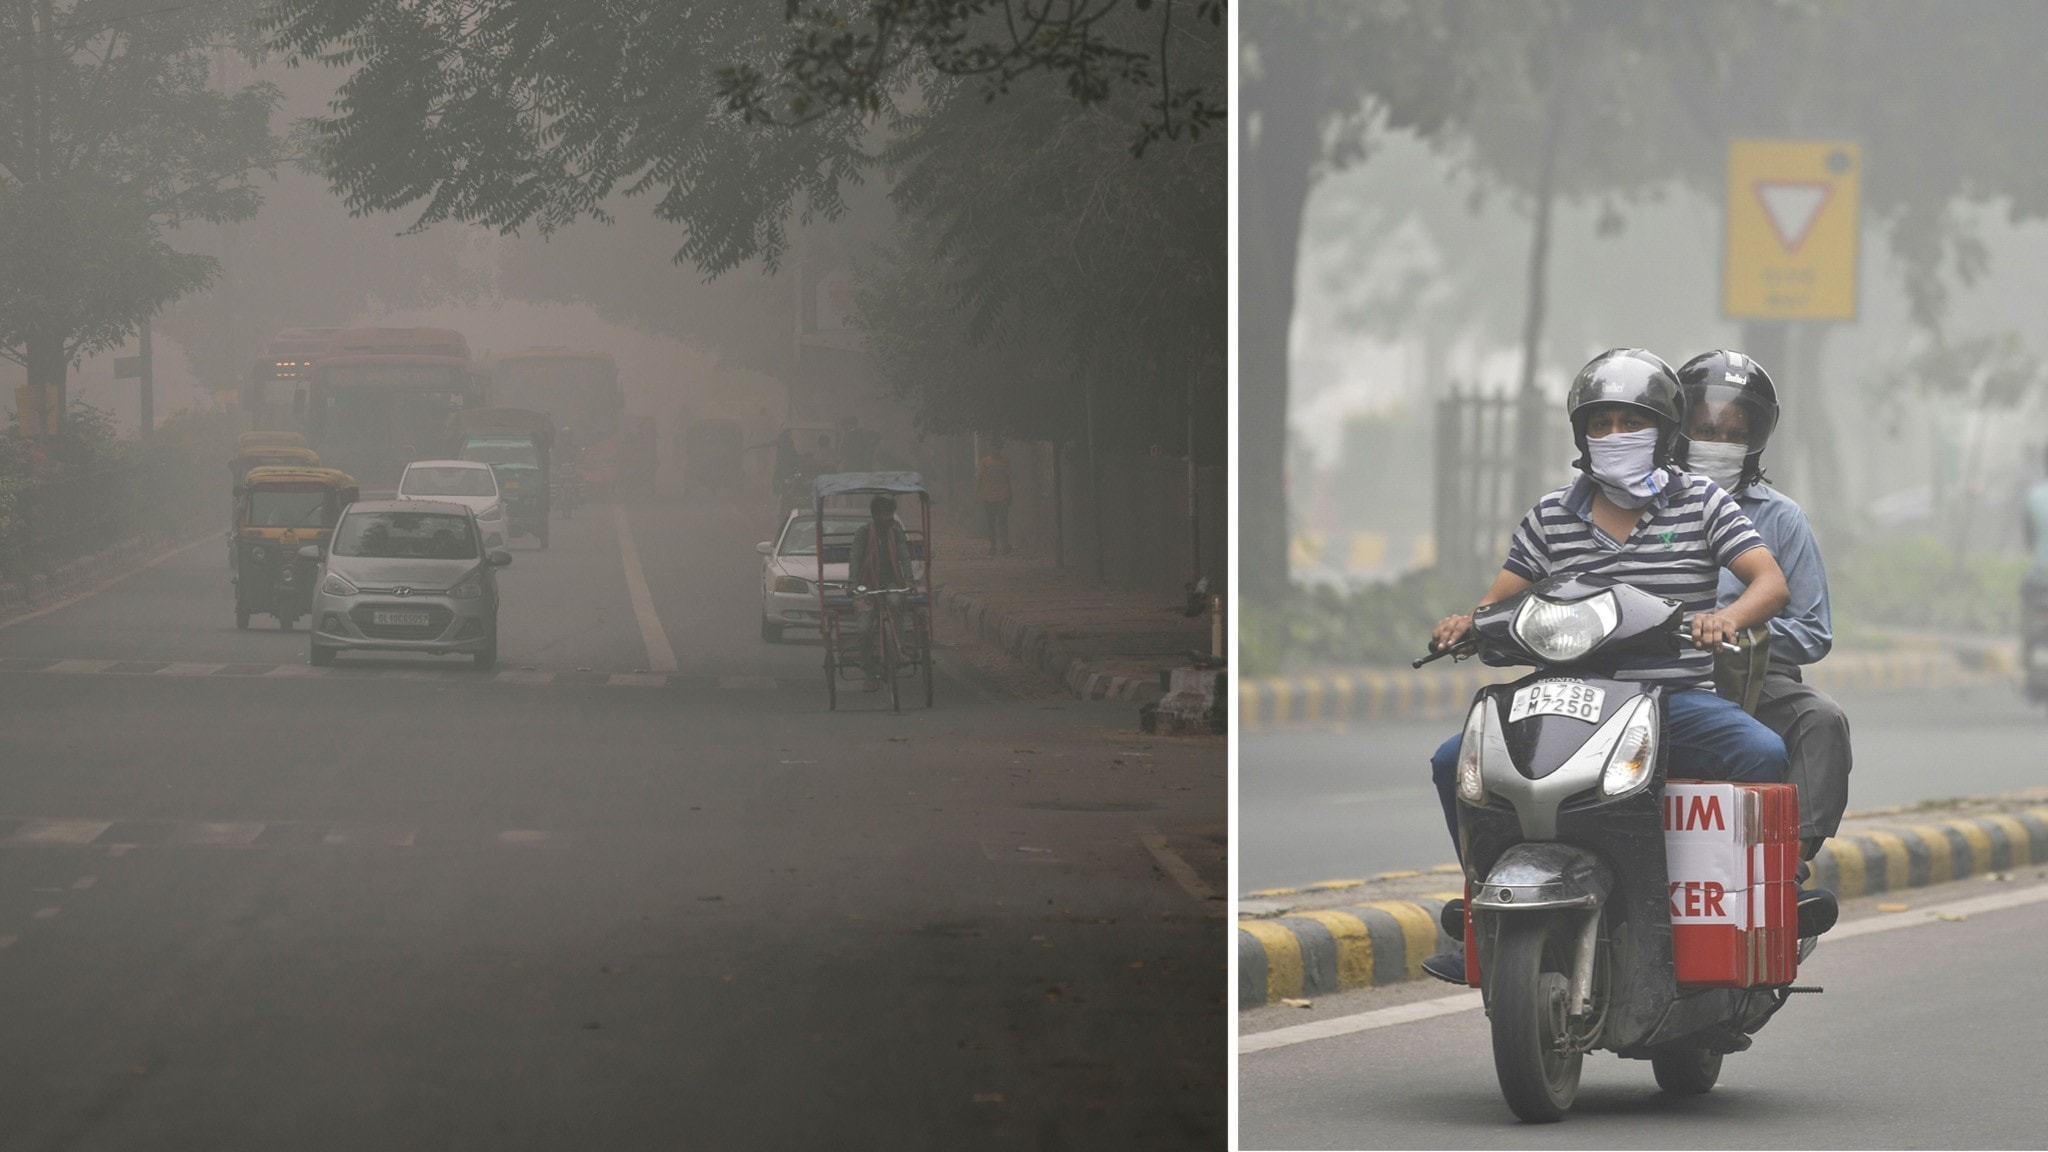 dejta i Delhi kontakta ingen När mannen du dejtar försvinner